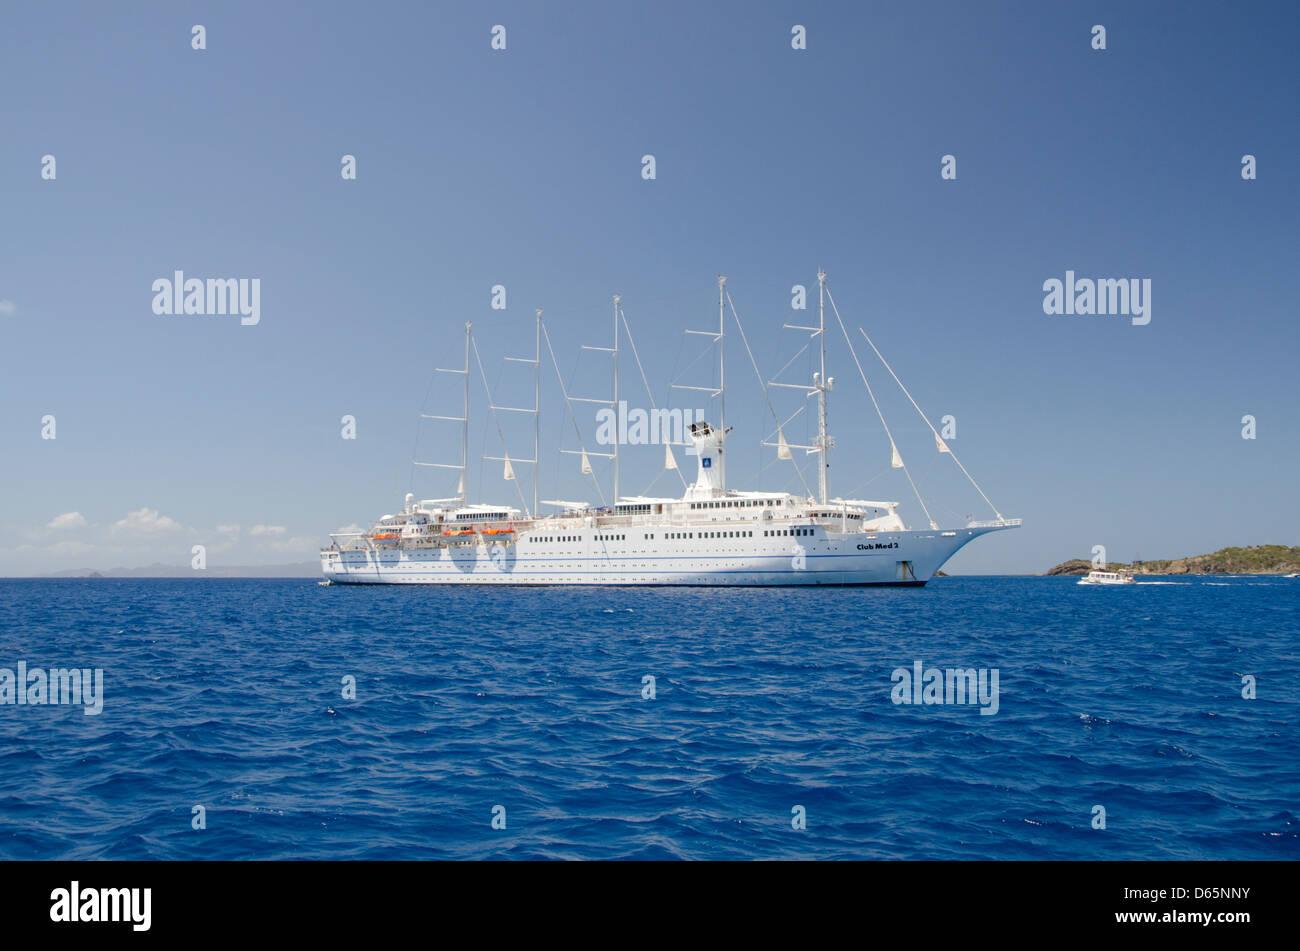 French West Indies, Caribbean island of Saint Bartholemy (aka St. Barts), capital city of Gustavia. - Stock Image